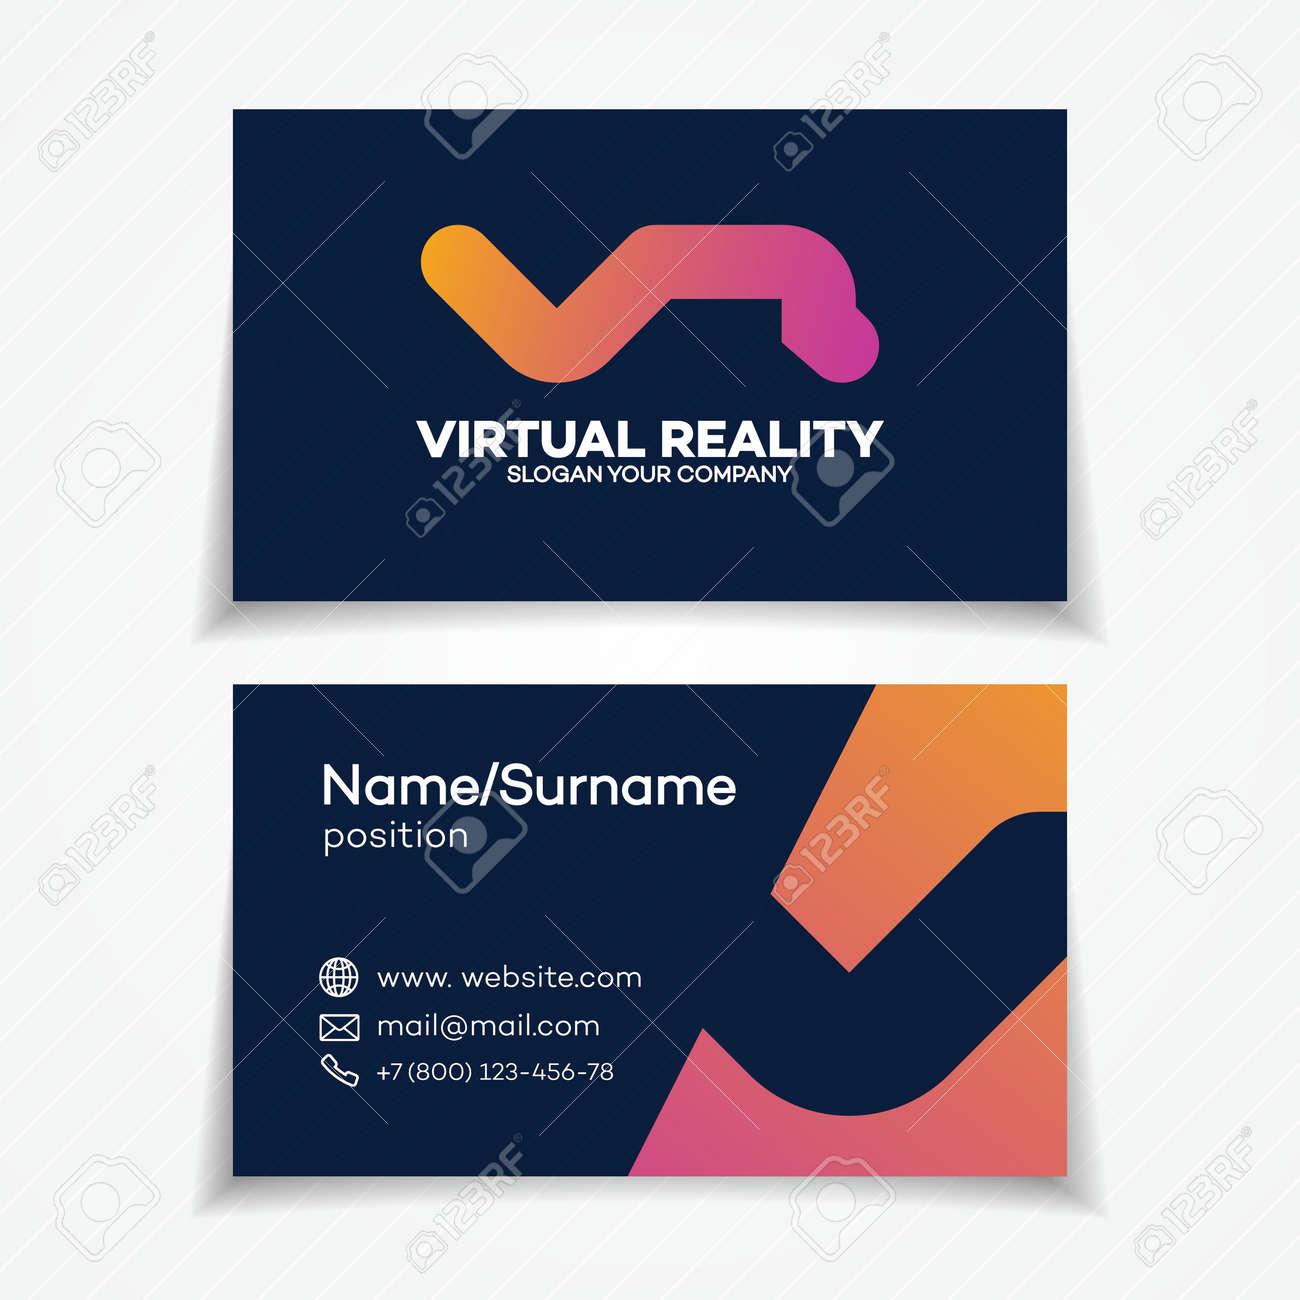 Carte De Visite Avec VR Compos V Et R Lettre Simple Style